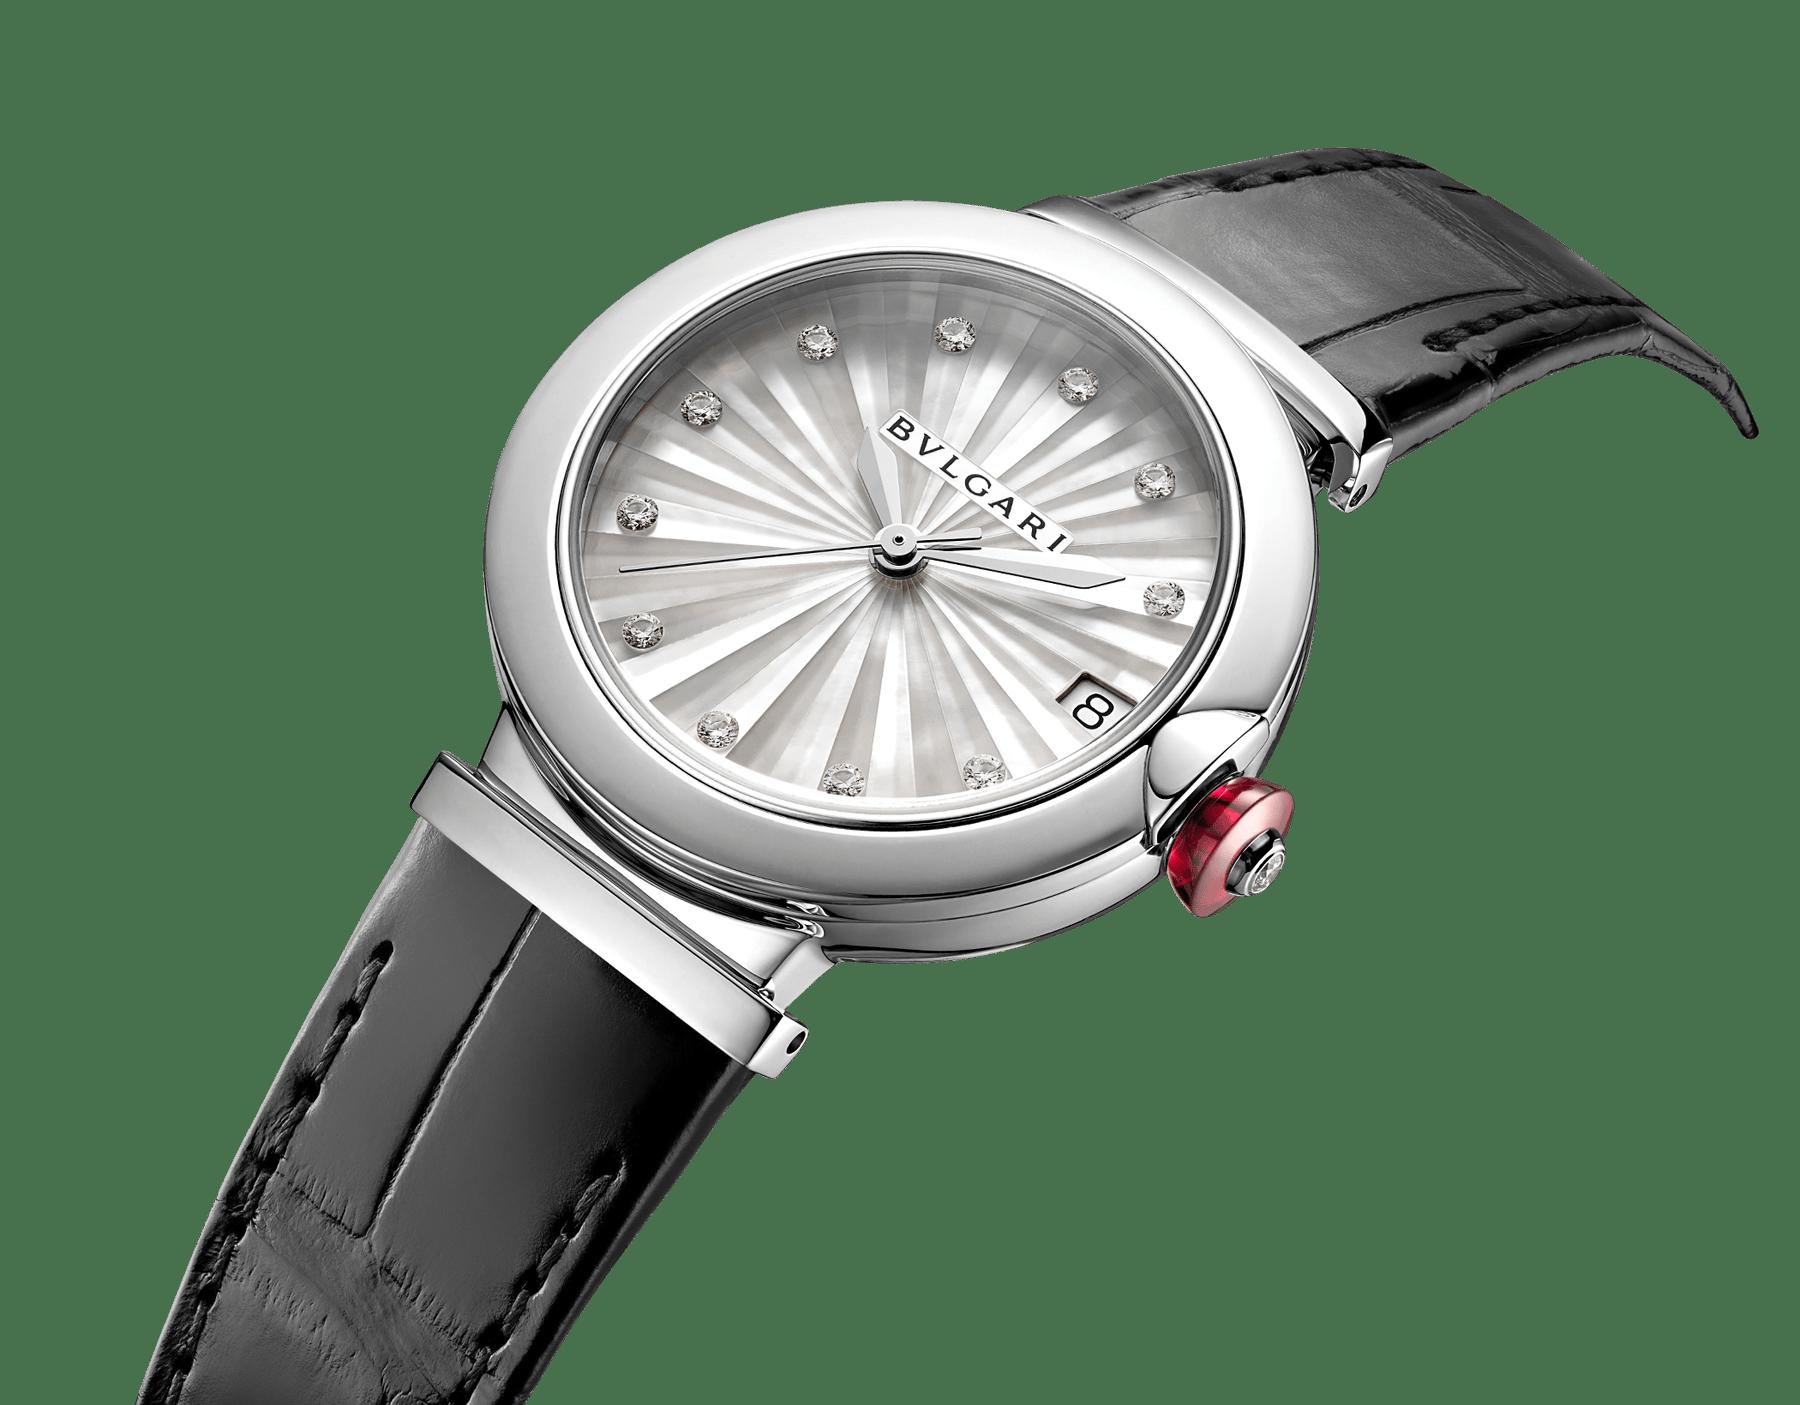 LVCEA Uhr mit Gehäuse aus Edelstahl, Zifferblatt mit weißem Perlmutt-Intarsio, Diamantindizes und schwarzem Armband aus Alligatorleder 103478 image 2